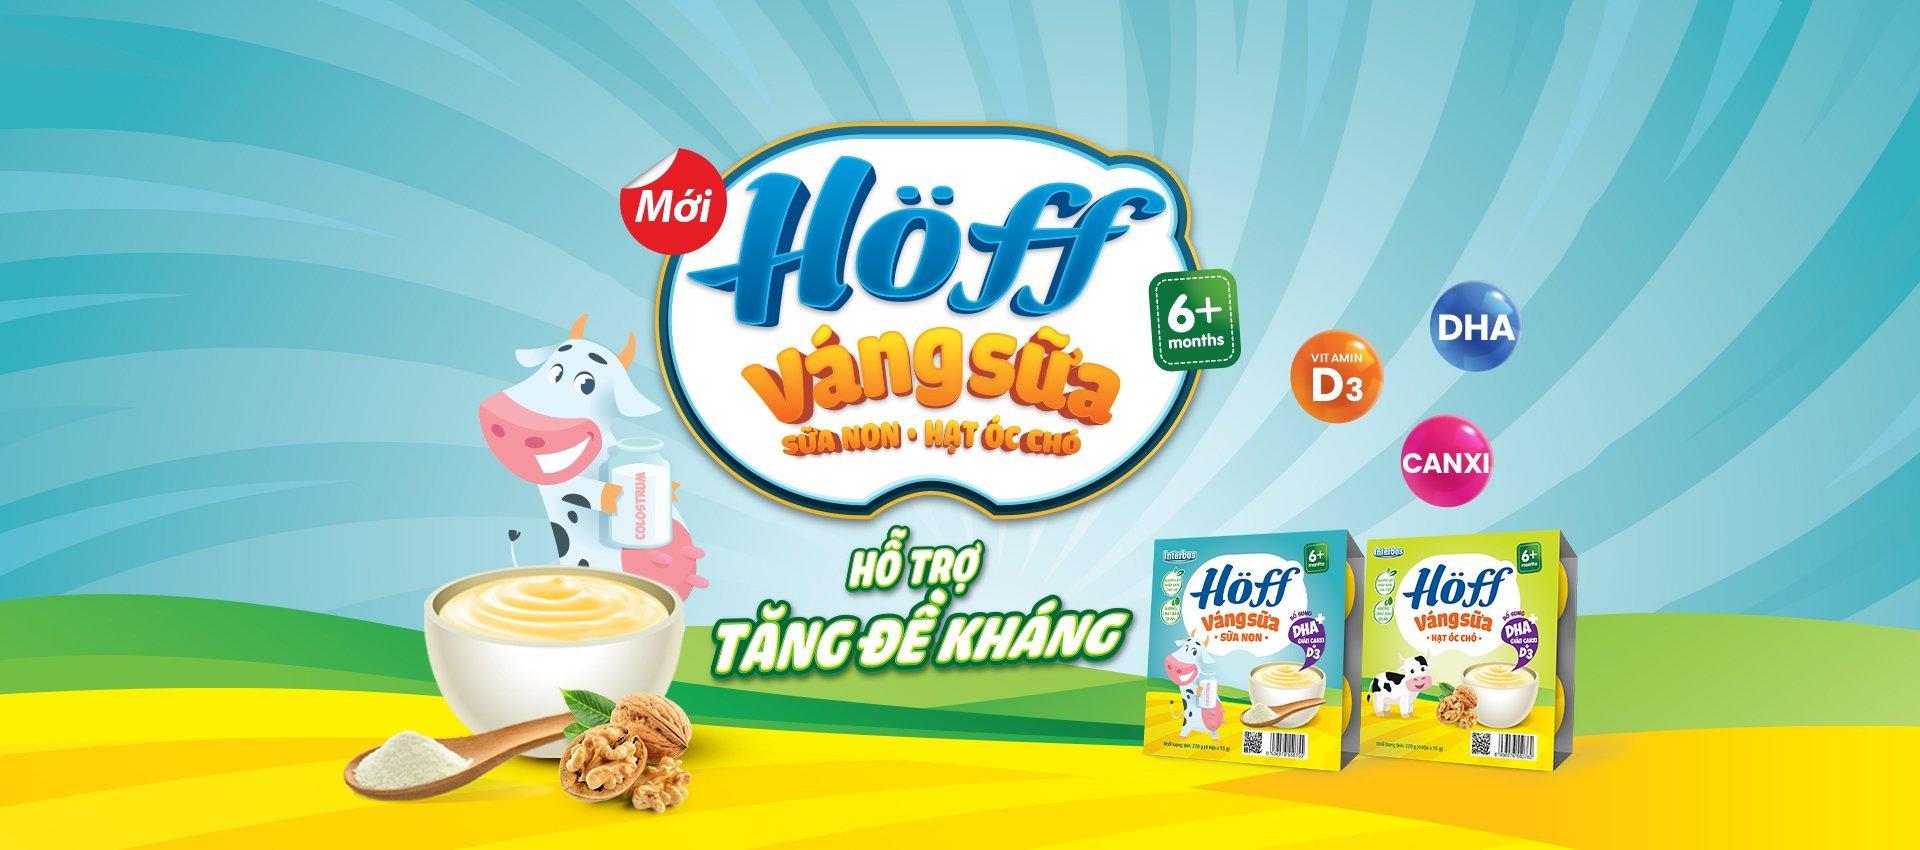 Váng sữa Hoff mới